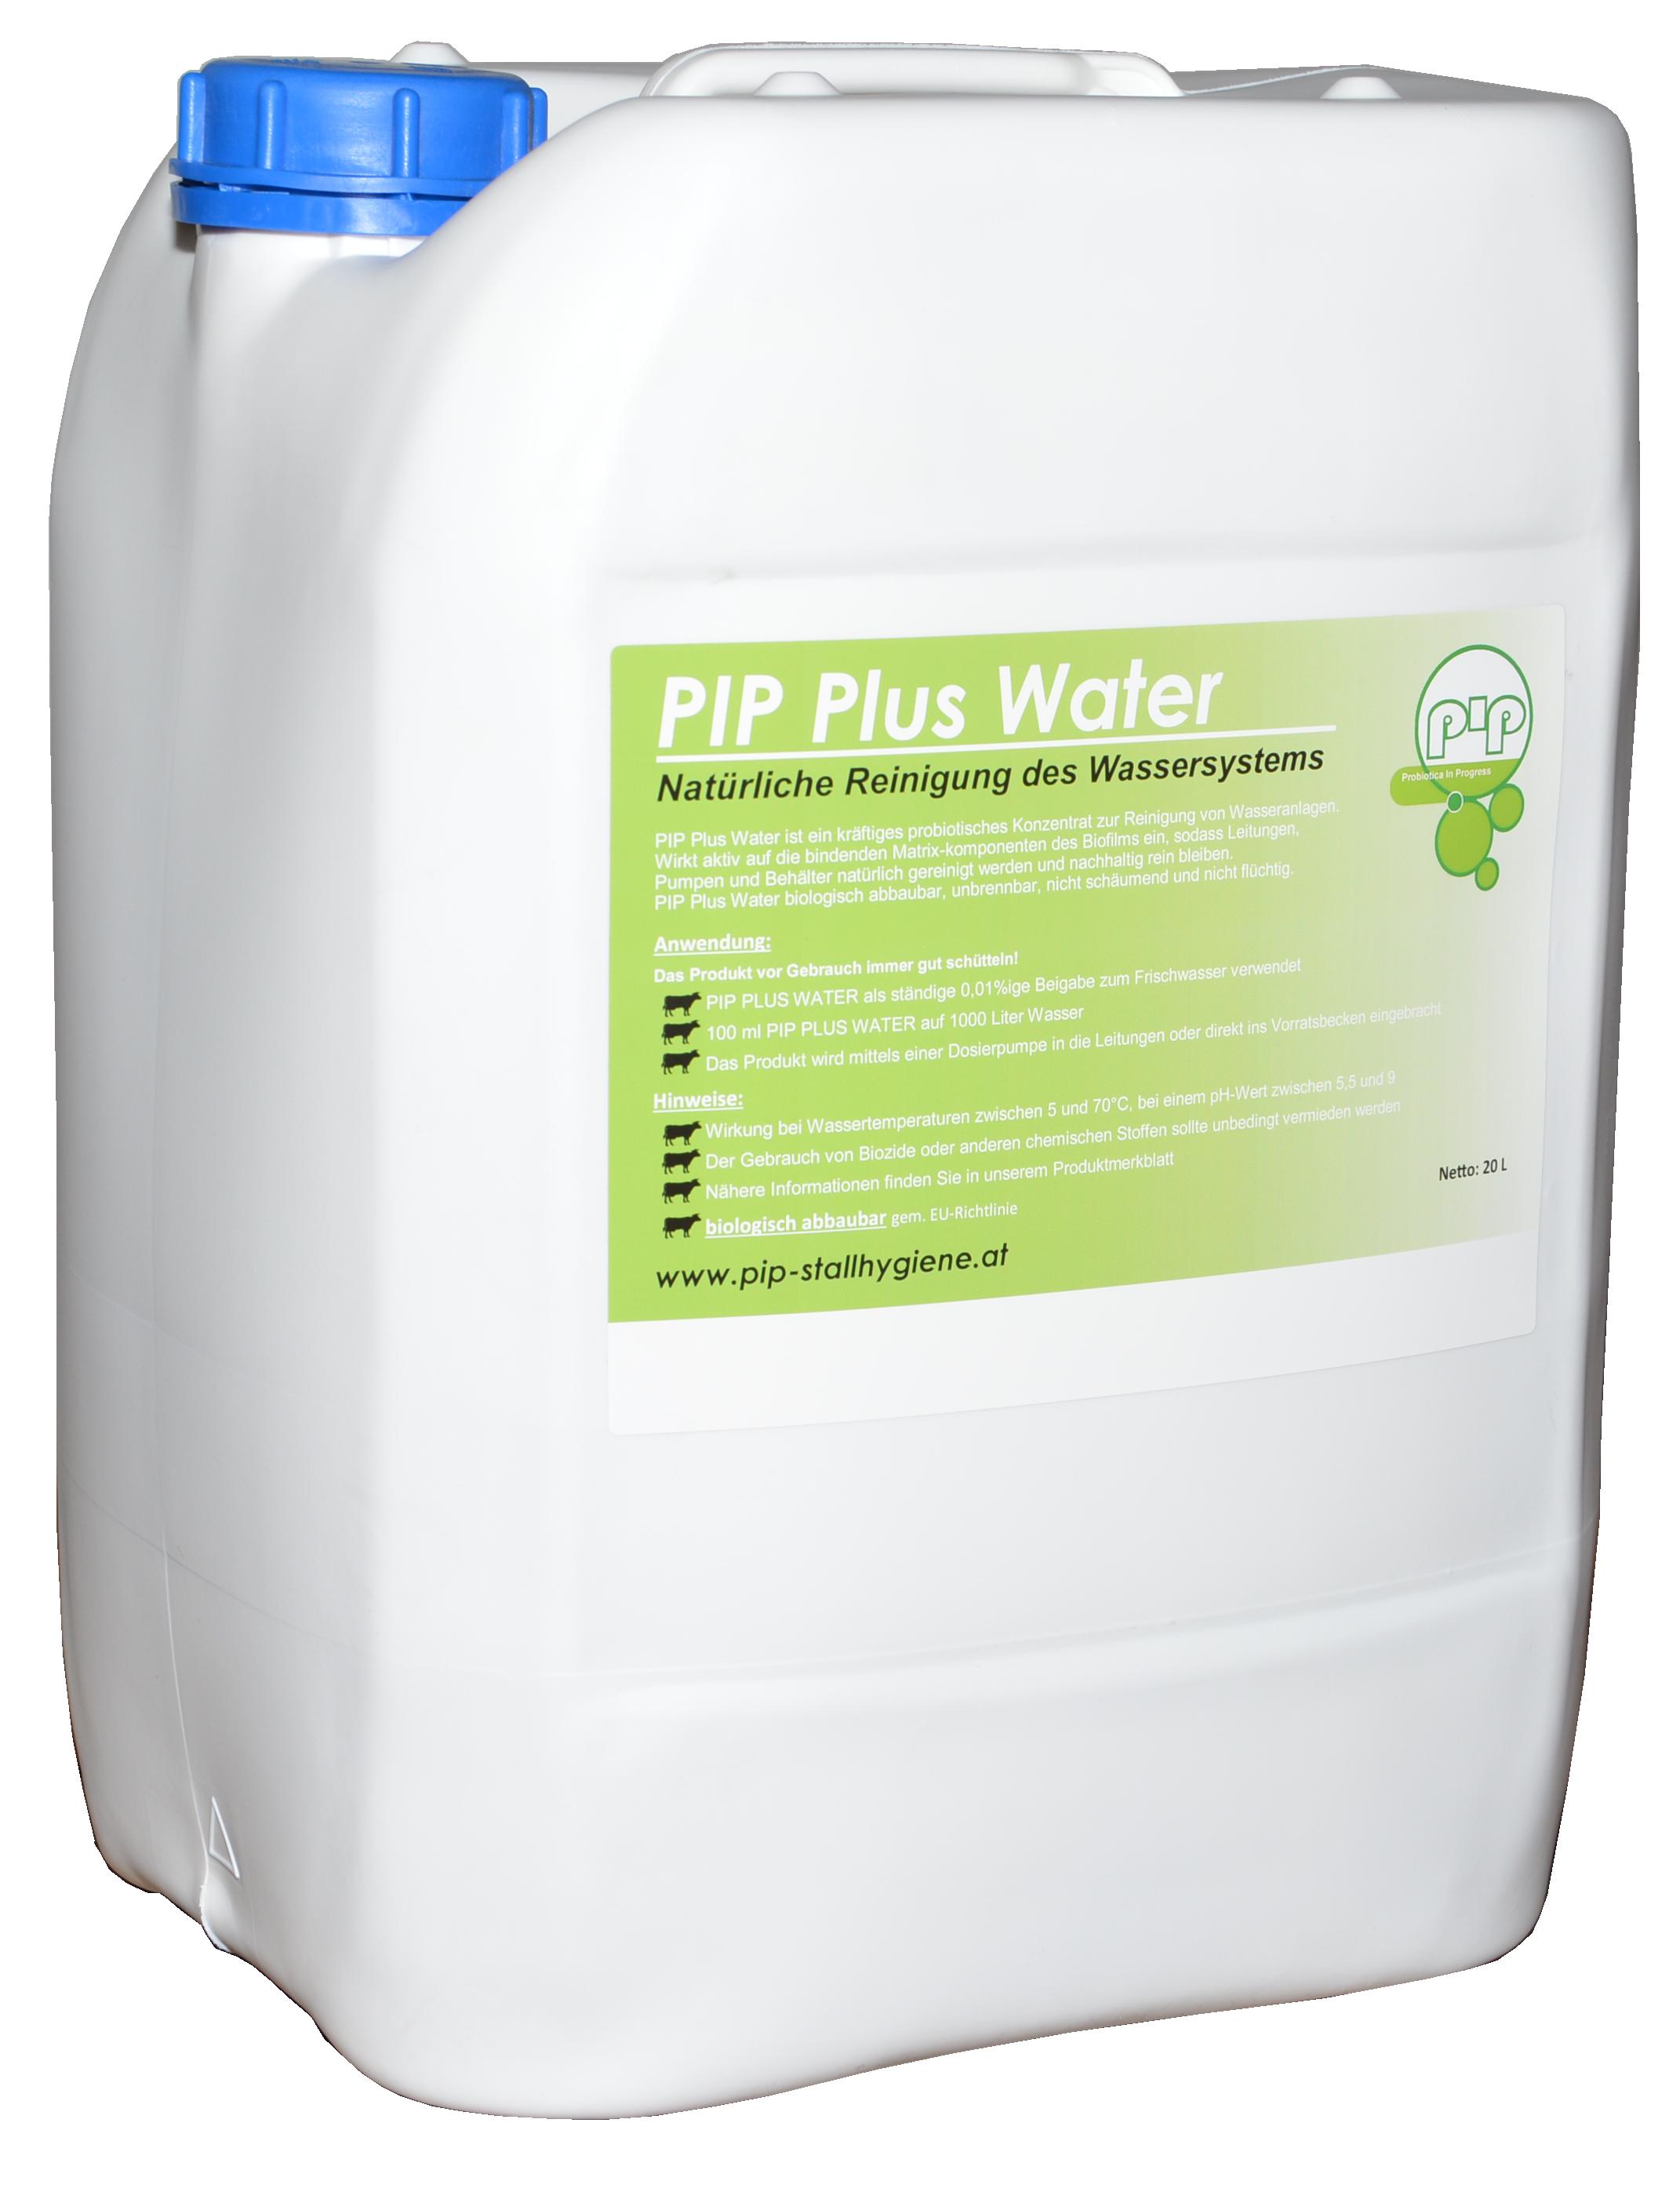 PIP Plus Water Traenkereiniger und alternative zur Wasserdesinfektion